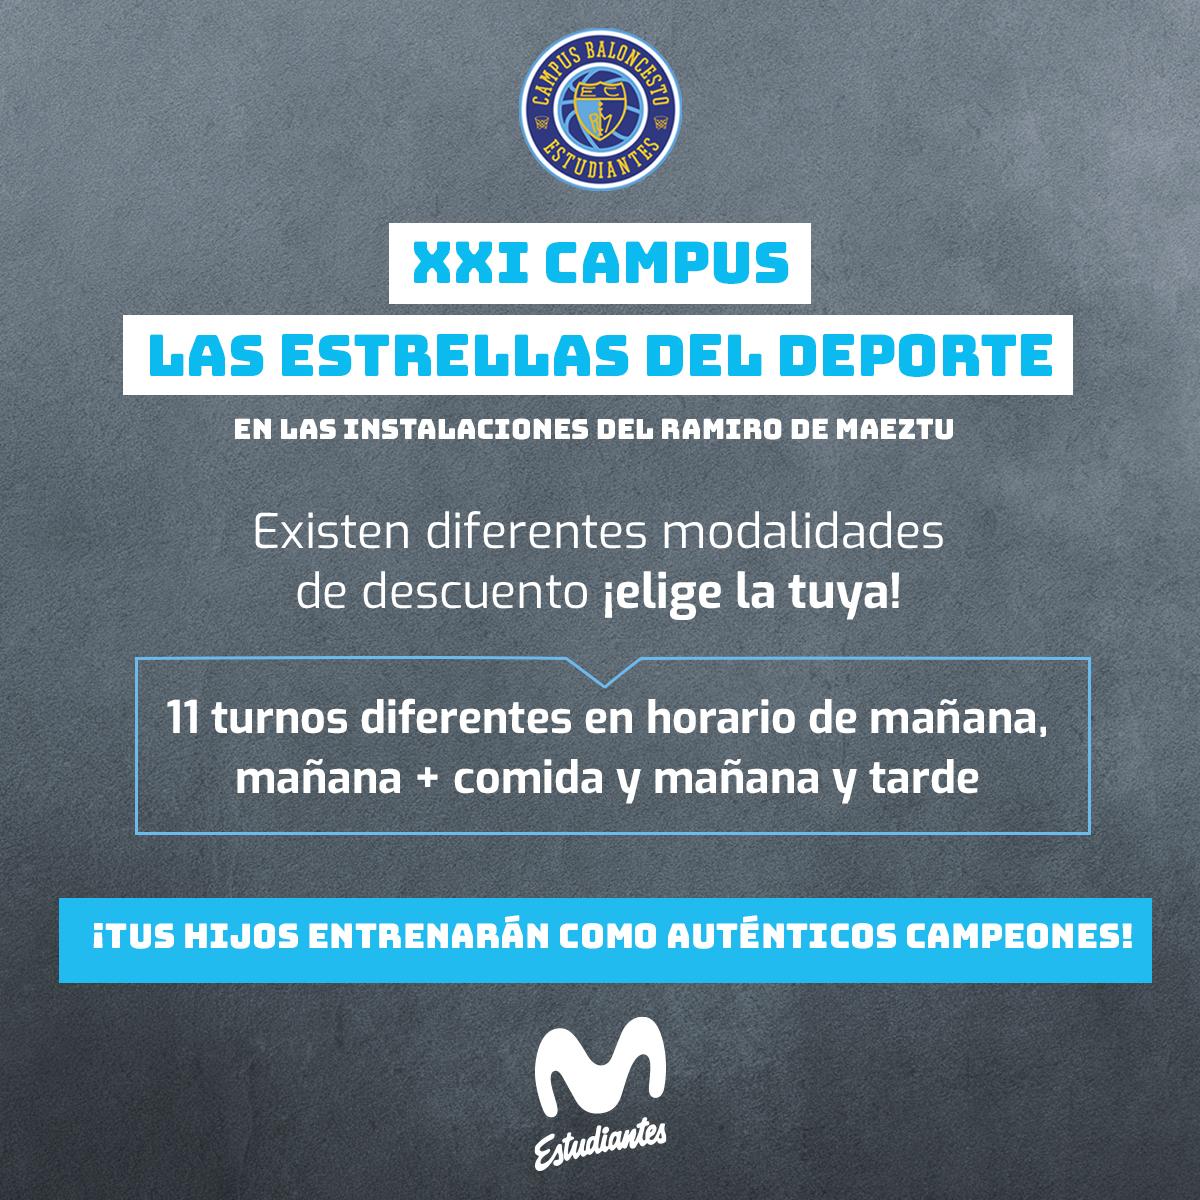 XXI Campus LAS ESTRELLAS DEL DEPORTE en Magariños